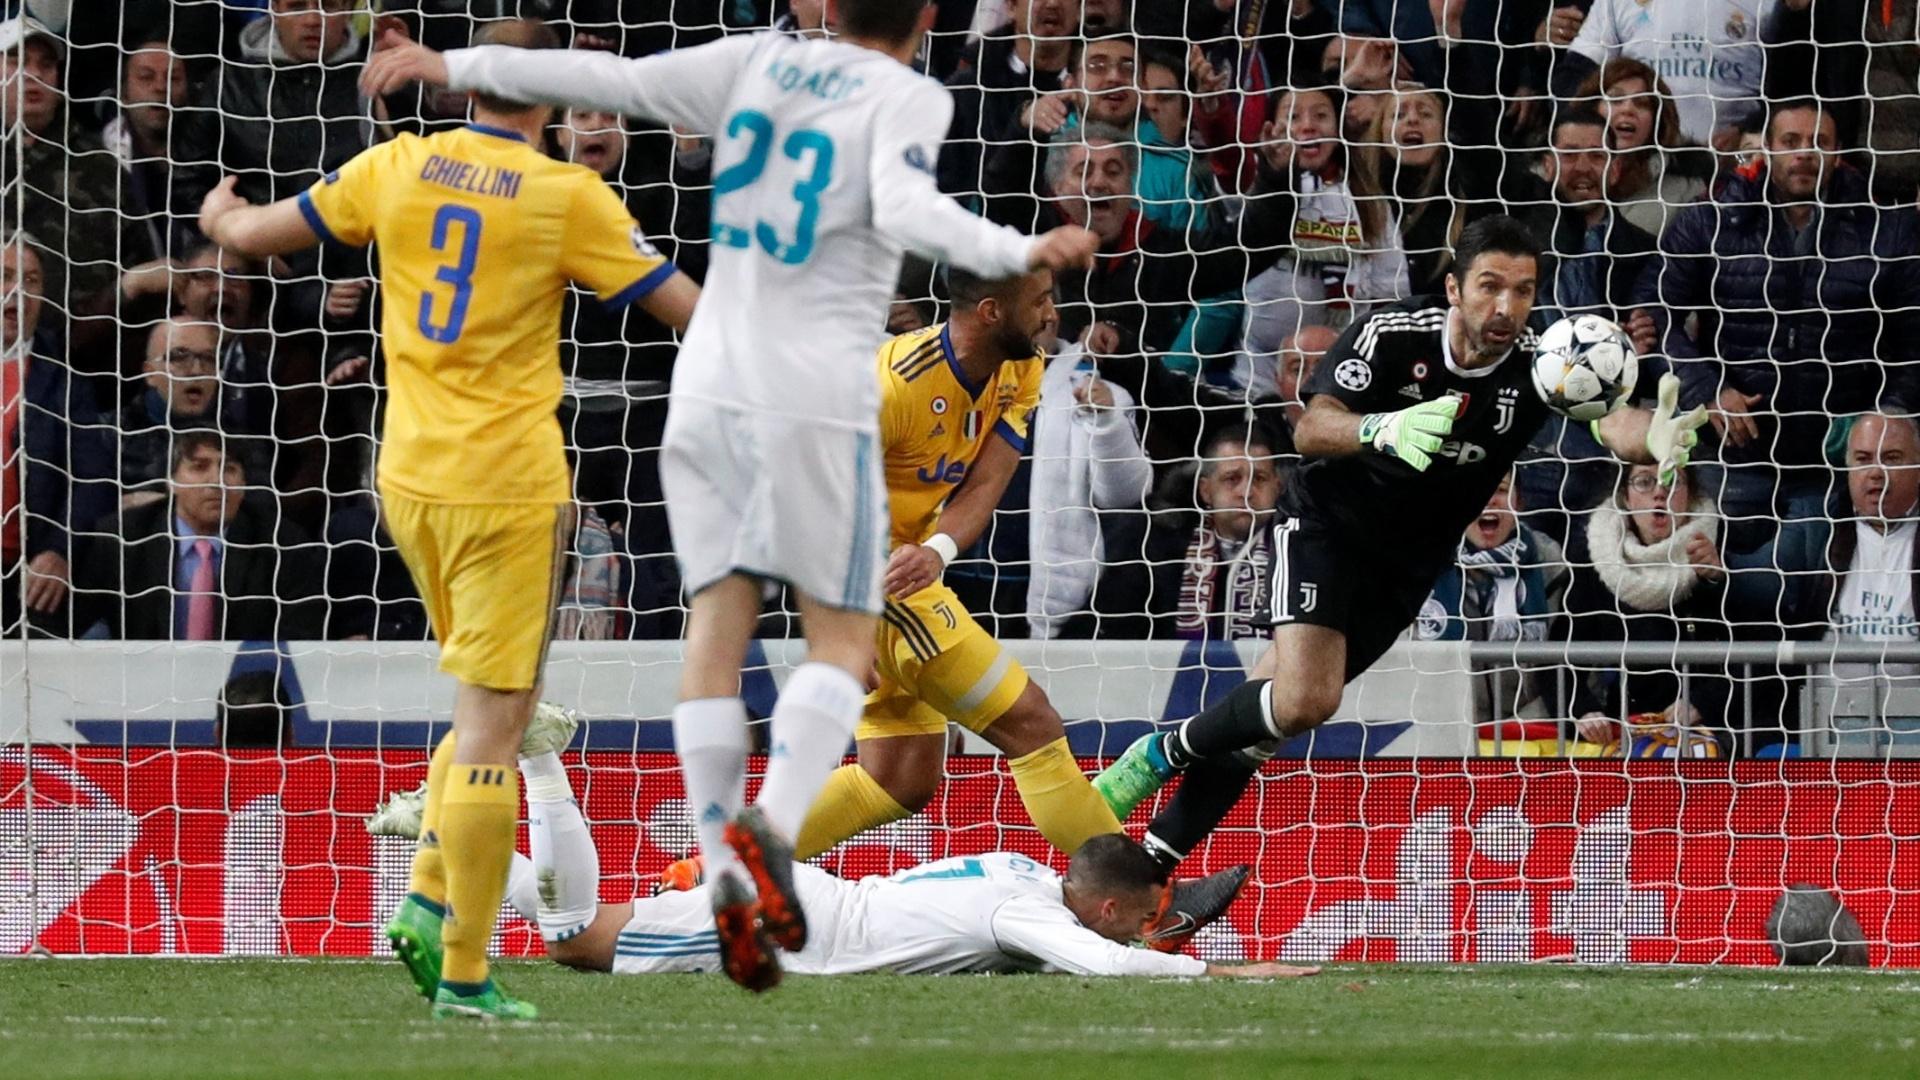 Benatia derruba Lucas Vazquez na área no fim do jogo entre Real Madrid e Juventus